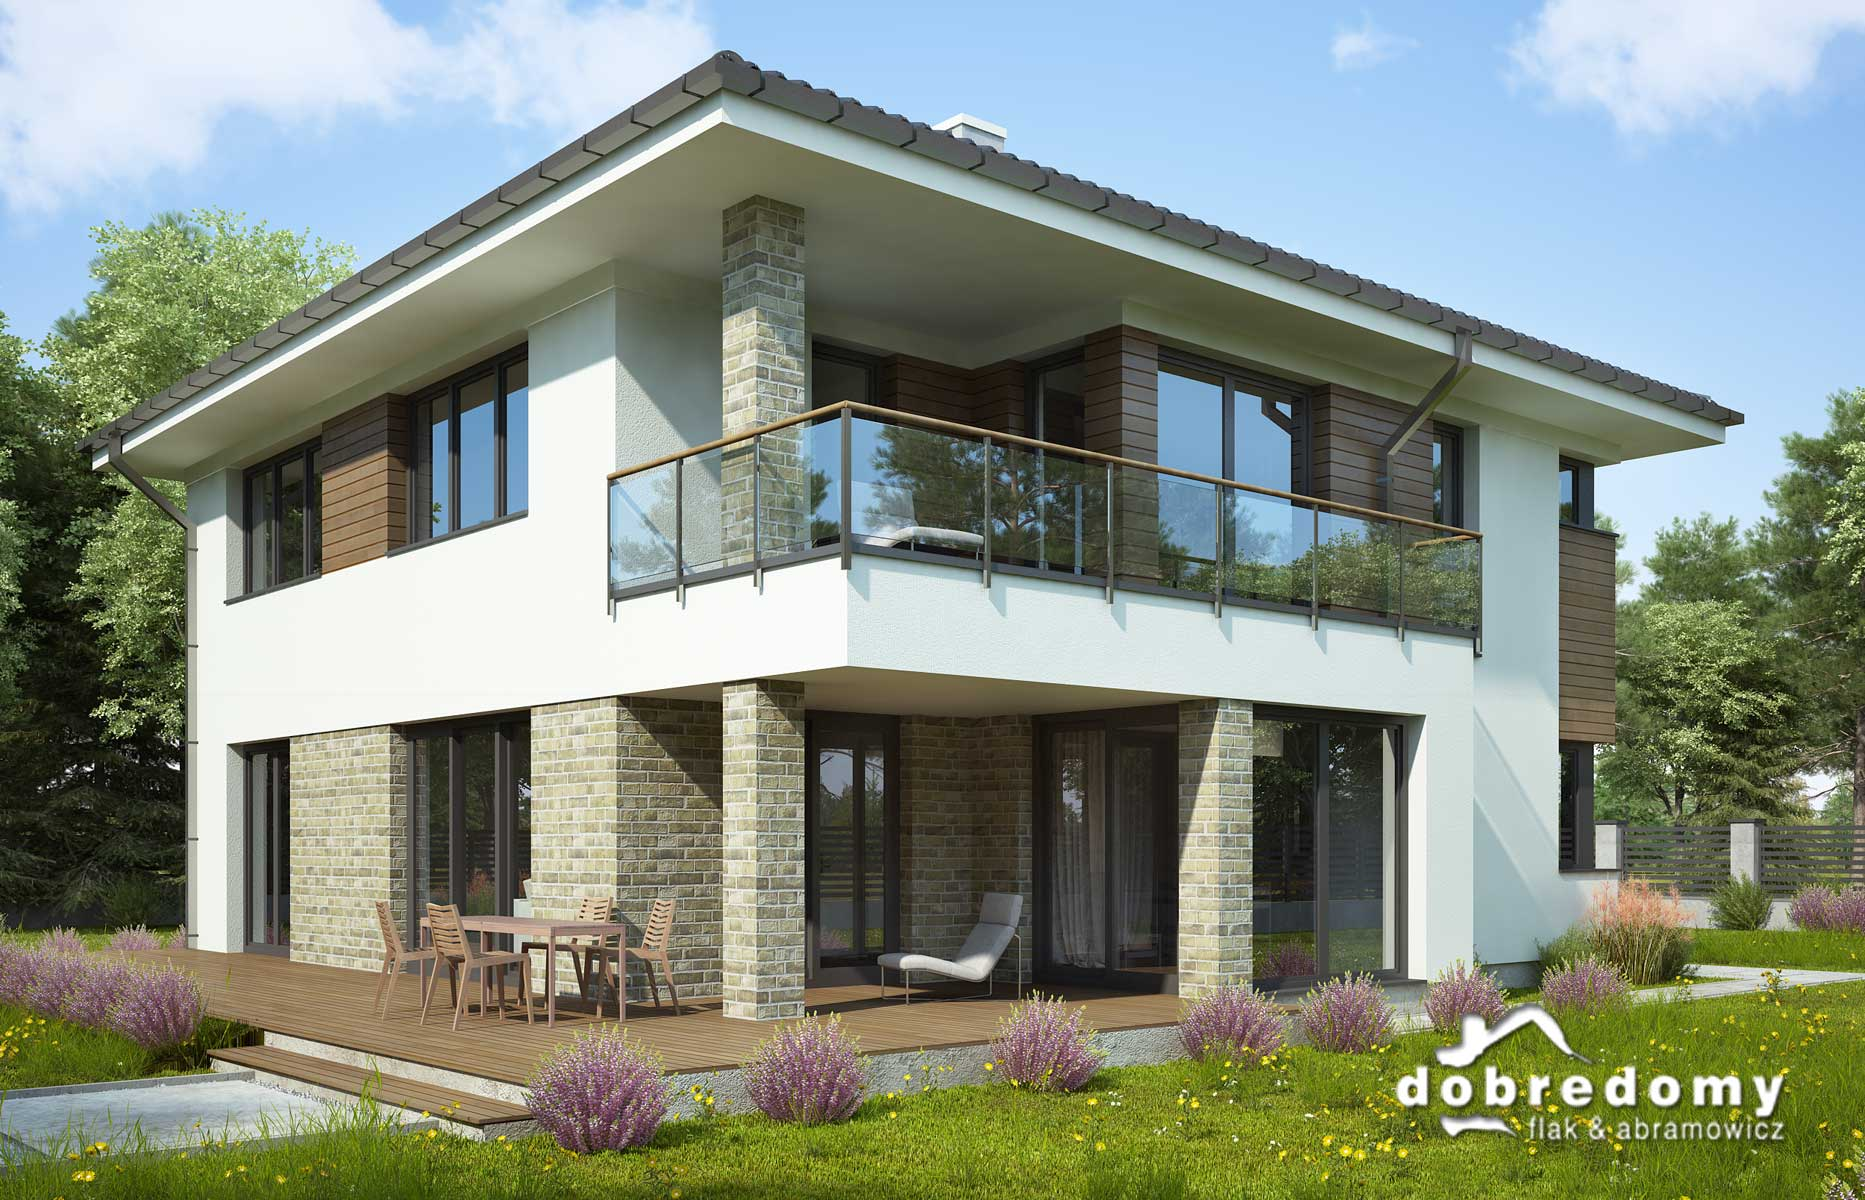 Izolacja balkonu – zadbaj o ciepło w domu